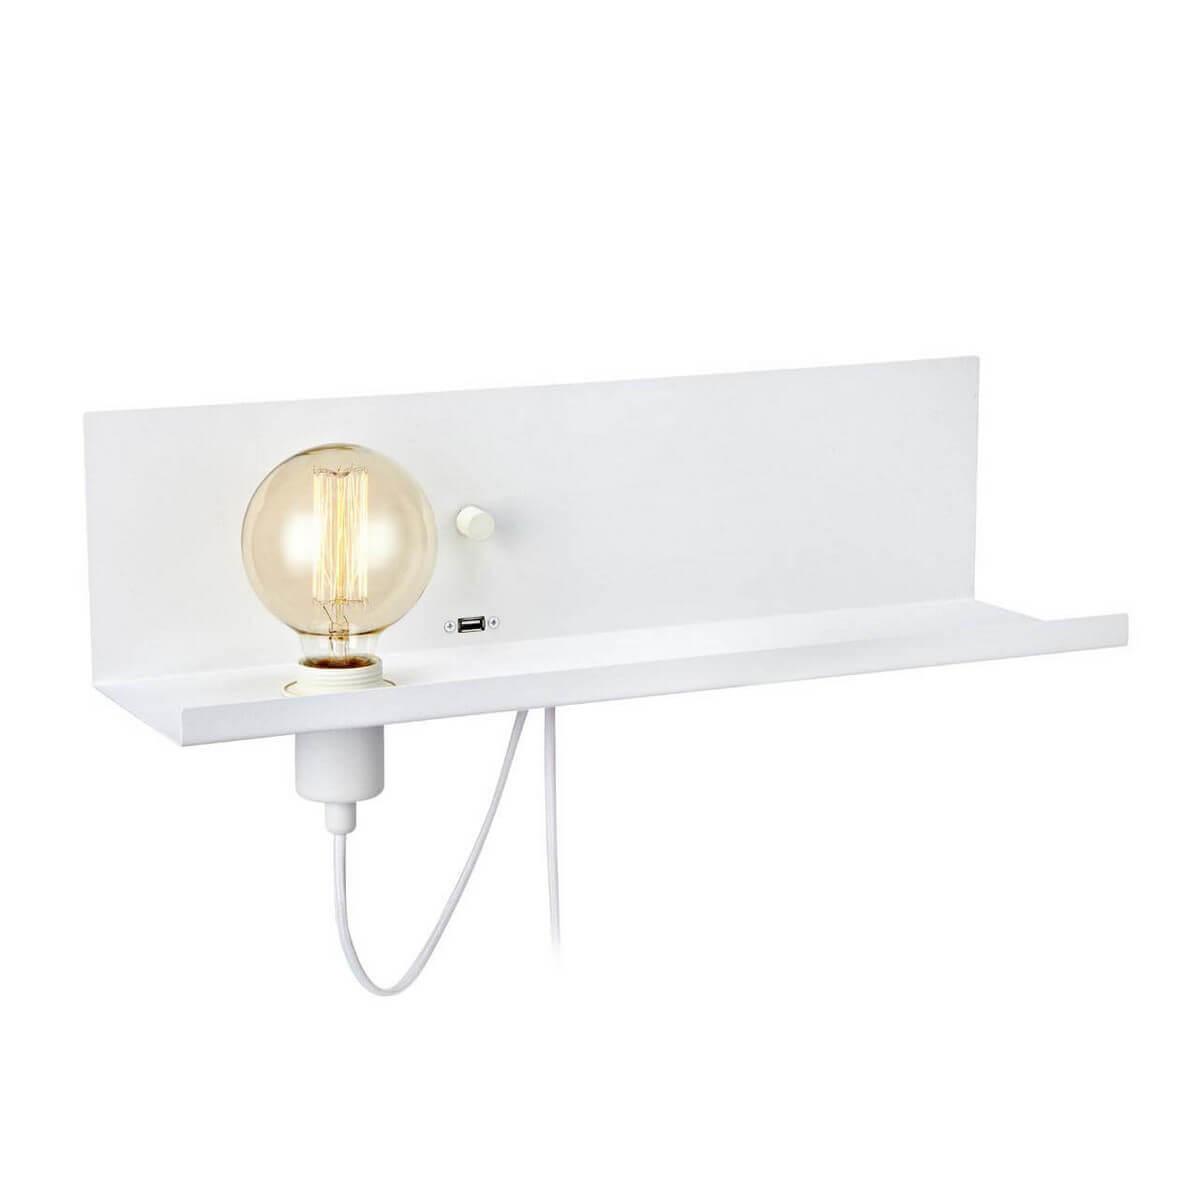 Светильник Markslojd 106969 Multi Usb (USB зарядное устройство)